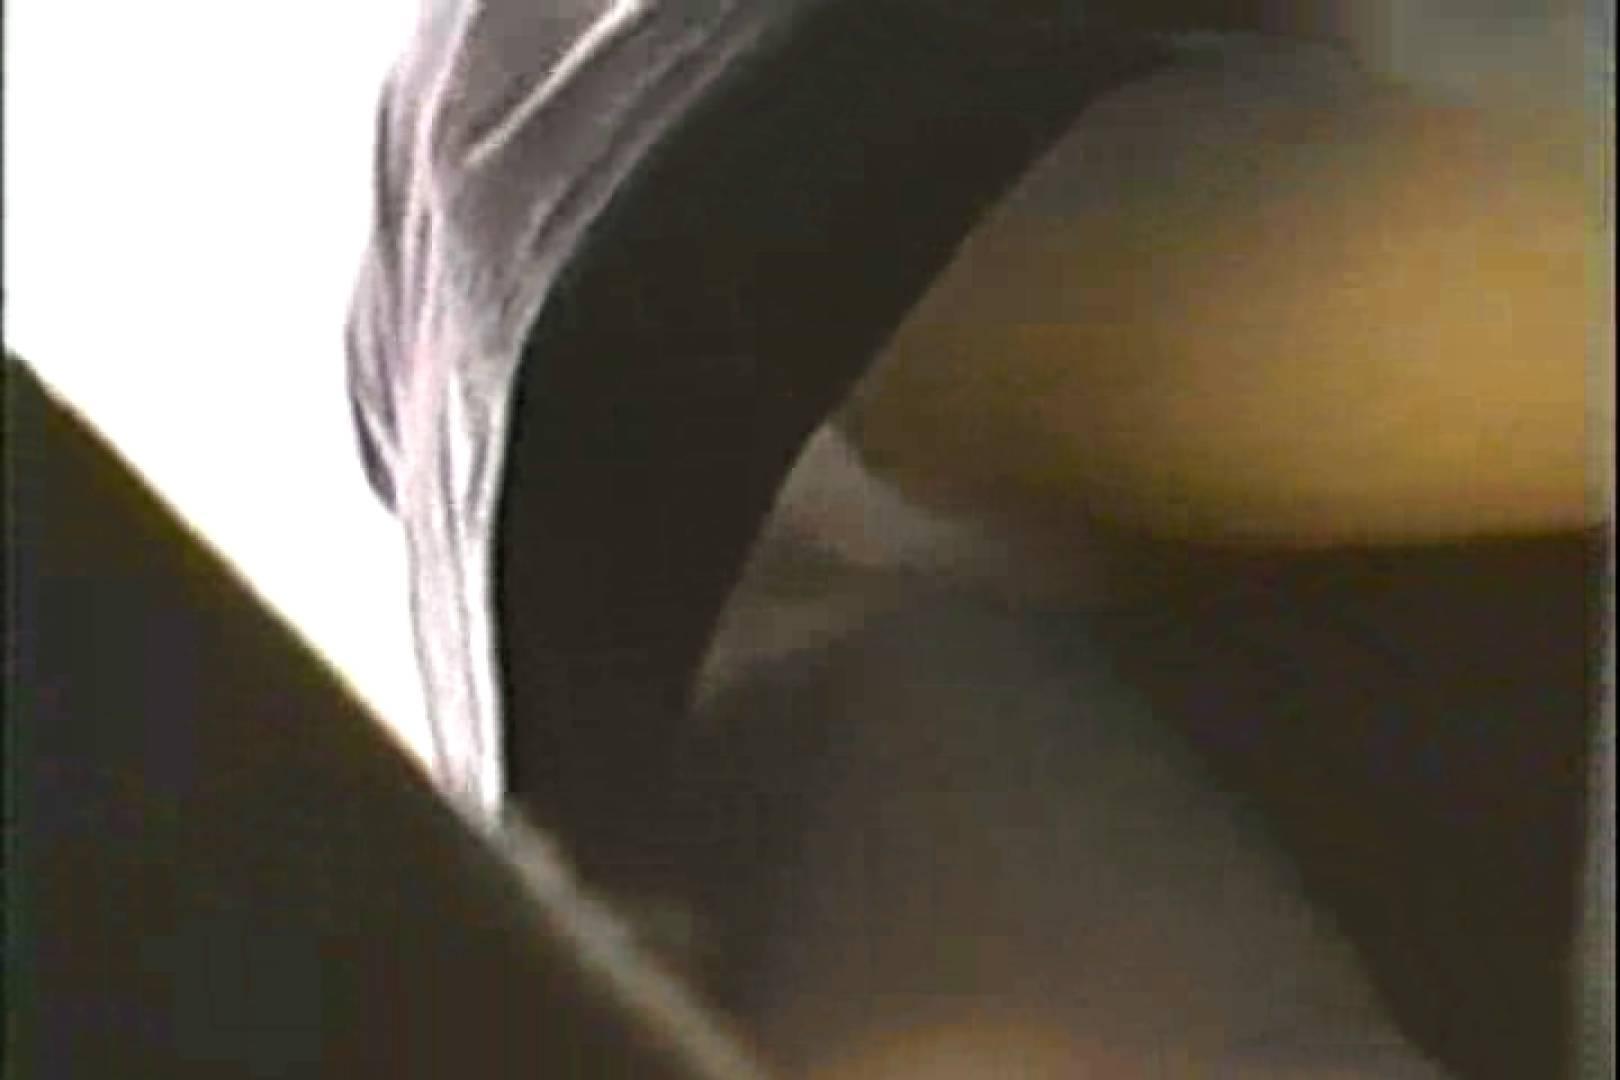 「ちくりん」さんのオリジナル未編集パンチラVol.3_01 OLセックス 隠し撮りオマンコ動画紹介 100画像 32